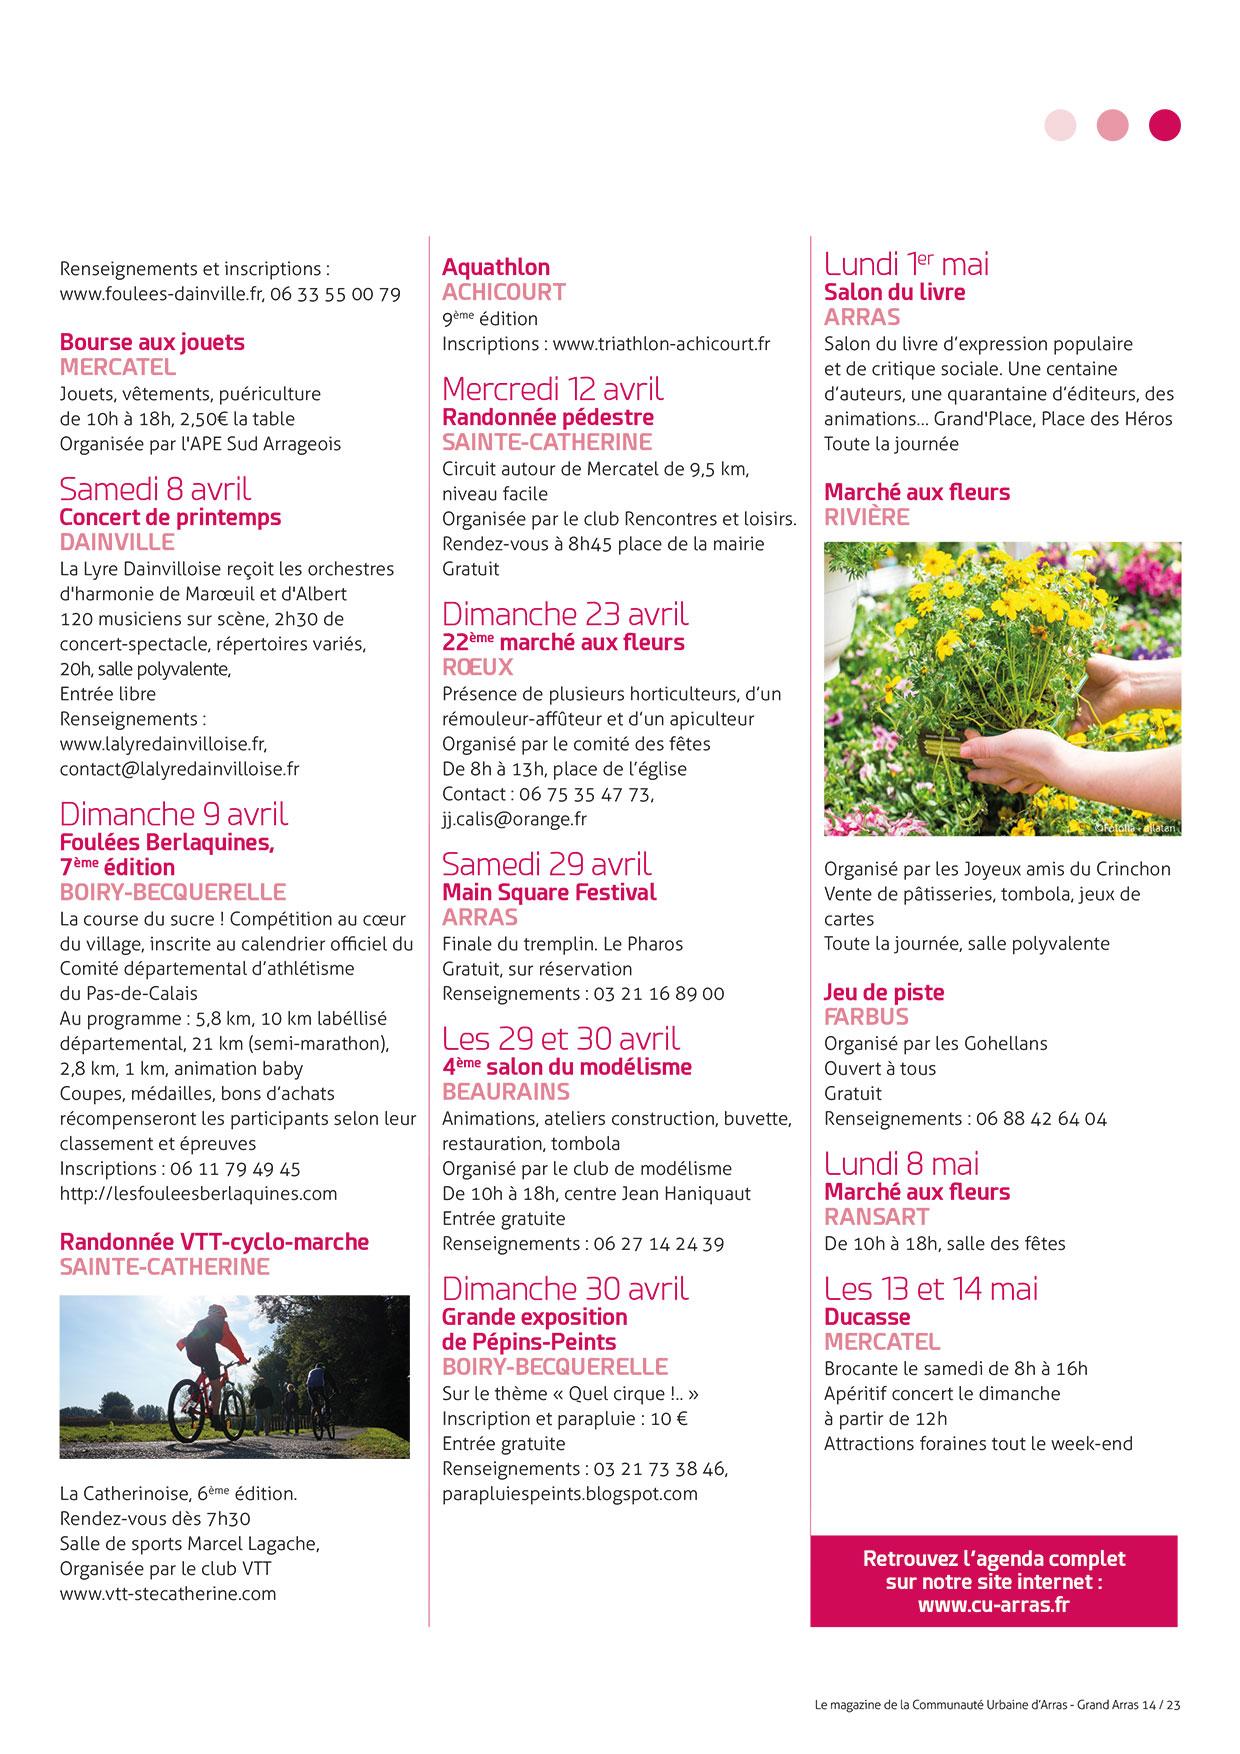 Grand_Arras_14_Page23 - Communauté Urbaine D'arras intérieur Piscine Arras Aquarena